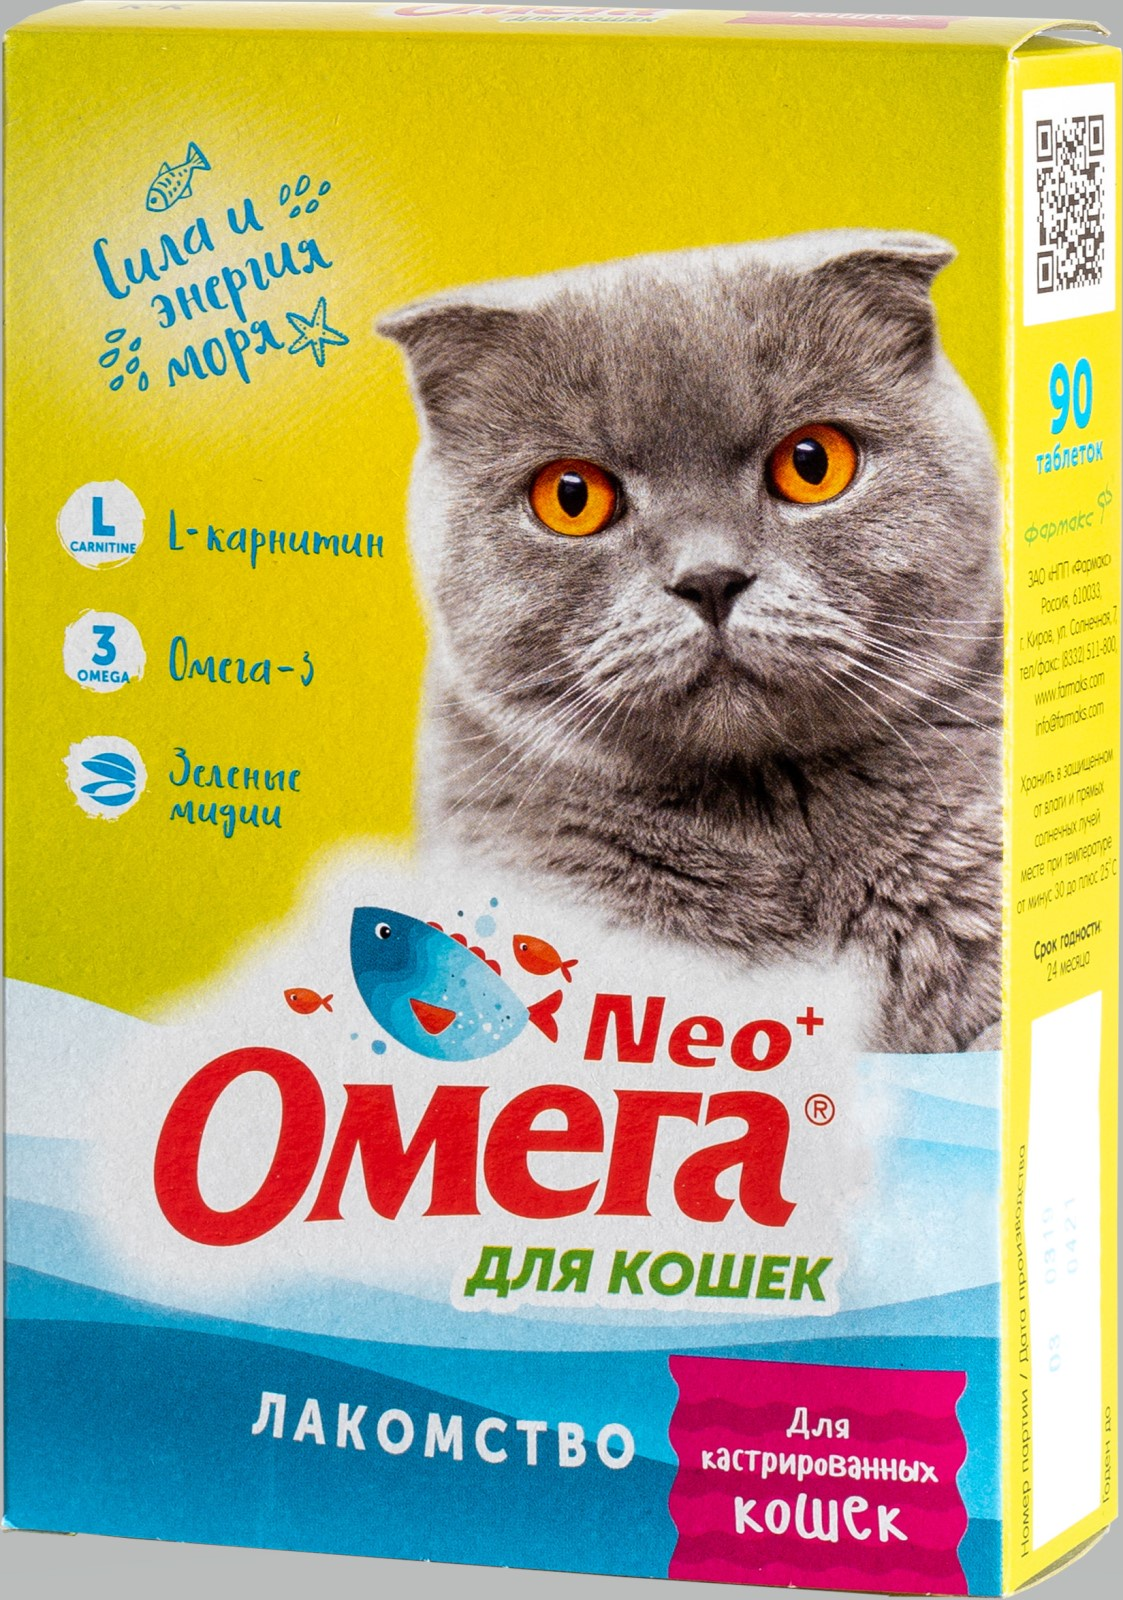 Лакомство Омега Neo+ c L-карнитином Для кастрированных кошек для кошек 90 таблеток, 45 г.